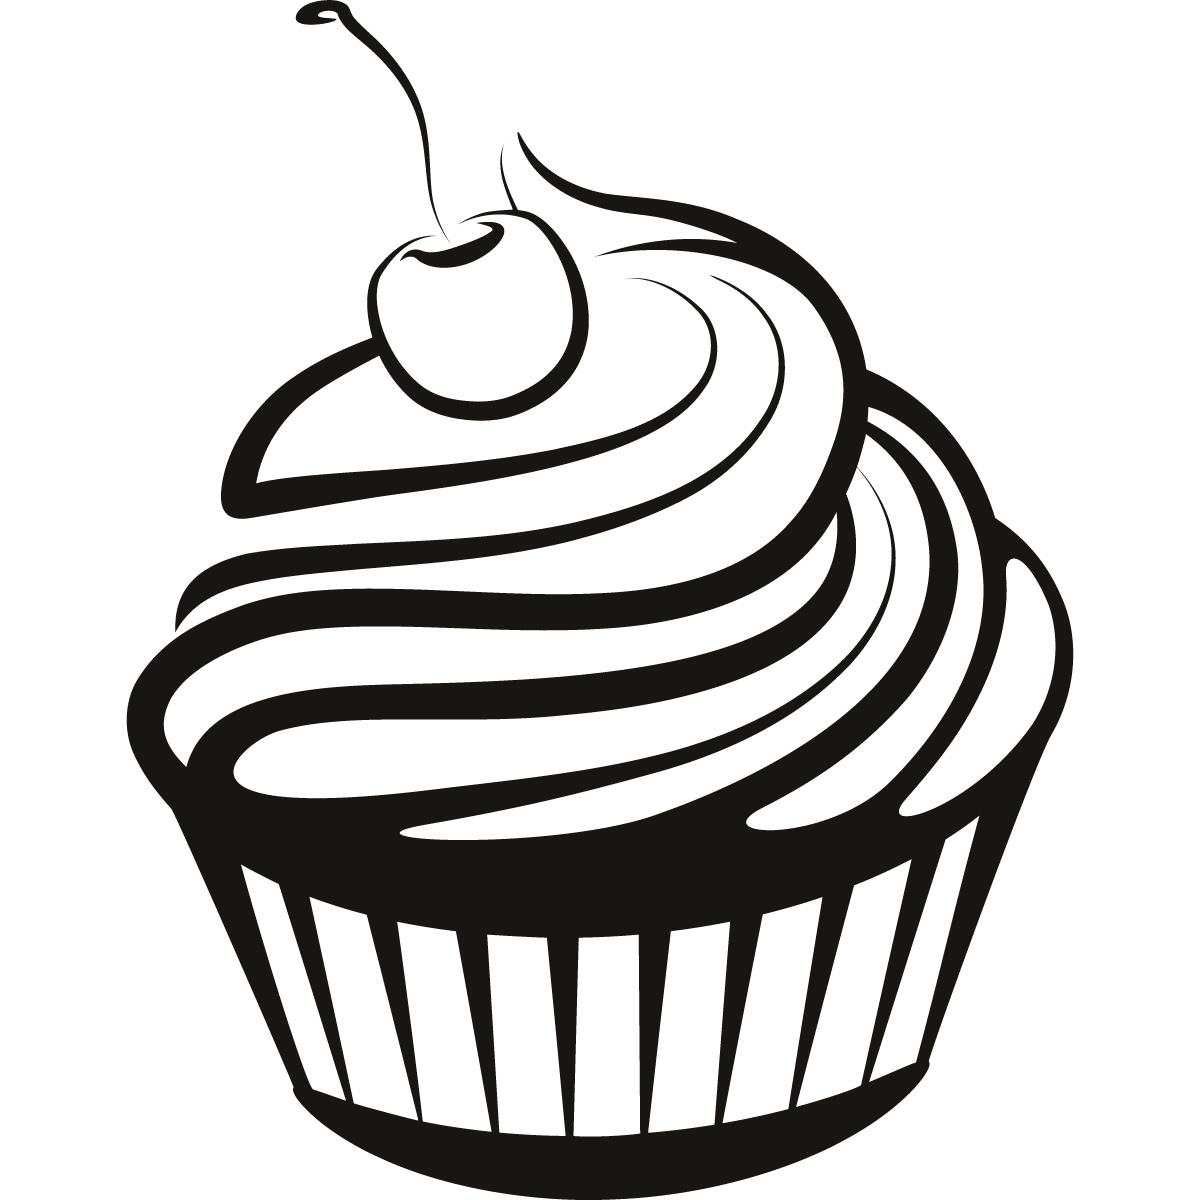 Black And White Cupcake Drawing Cupcake Black And White Cupcake Drawings  And Cupcakes Clipart